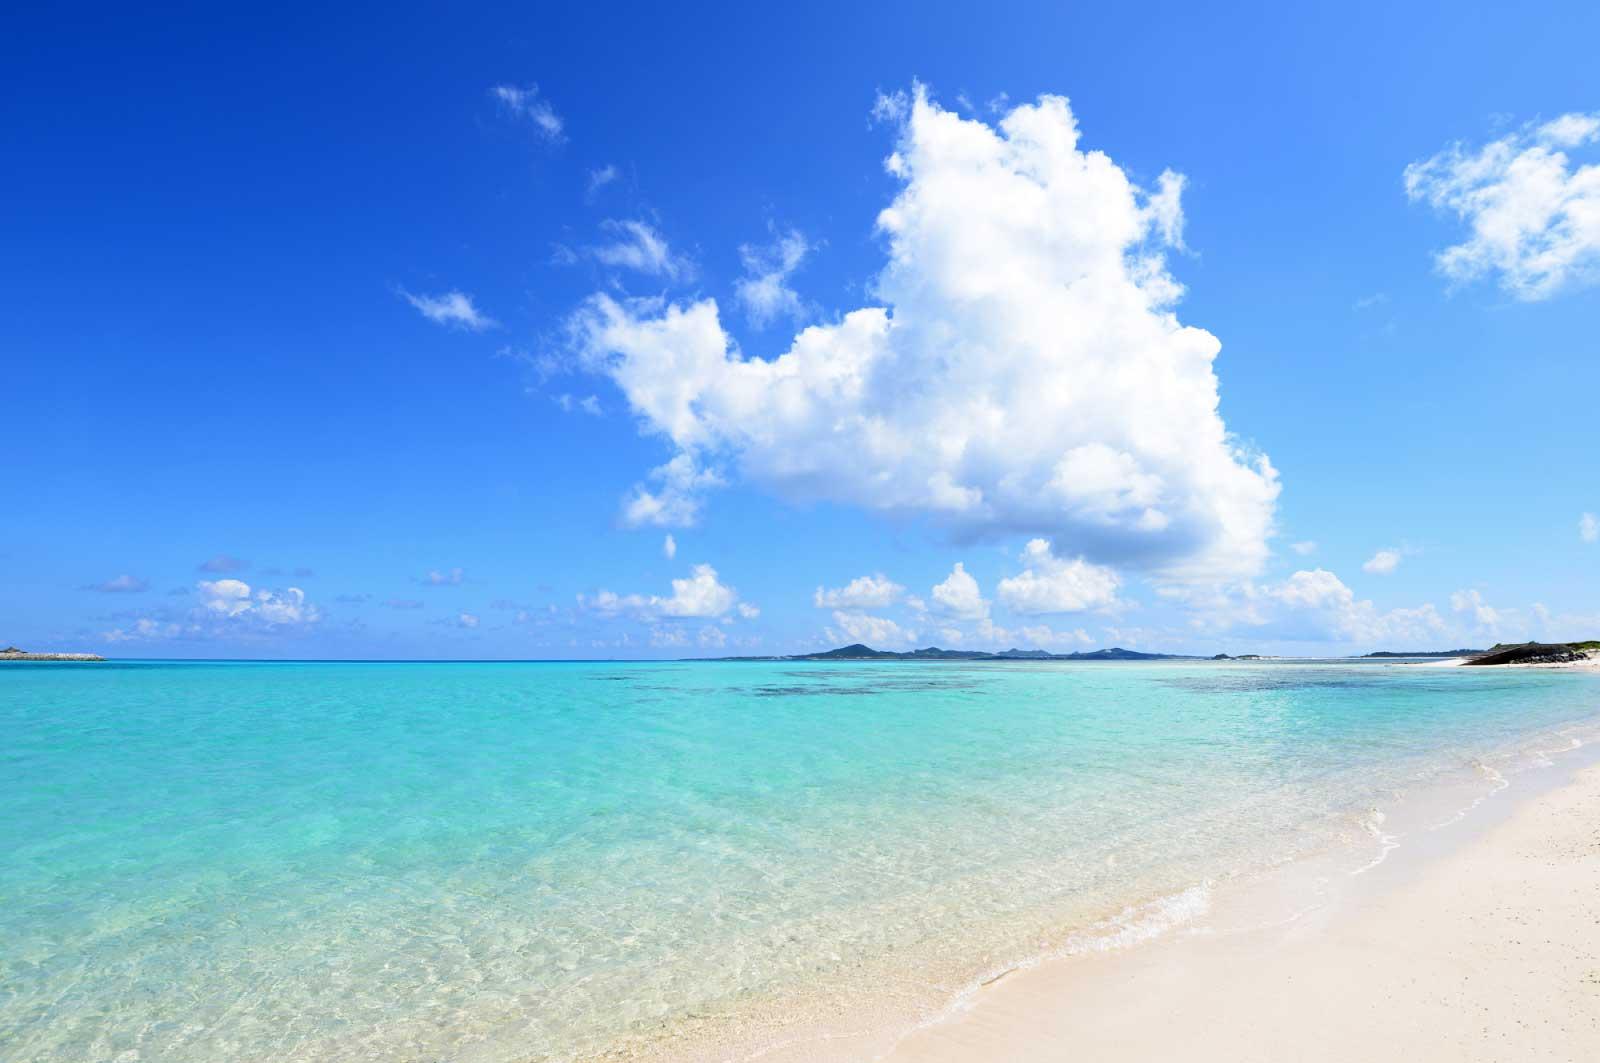 東京には沖縄のような海がない